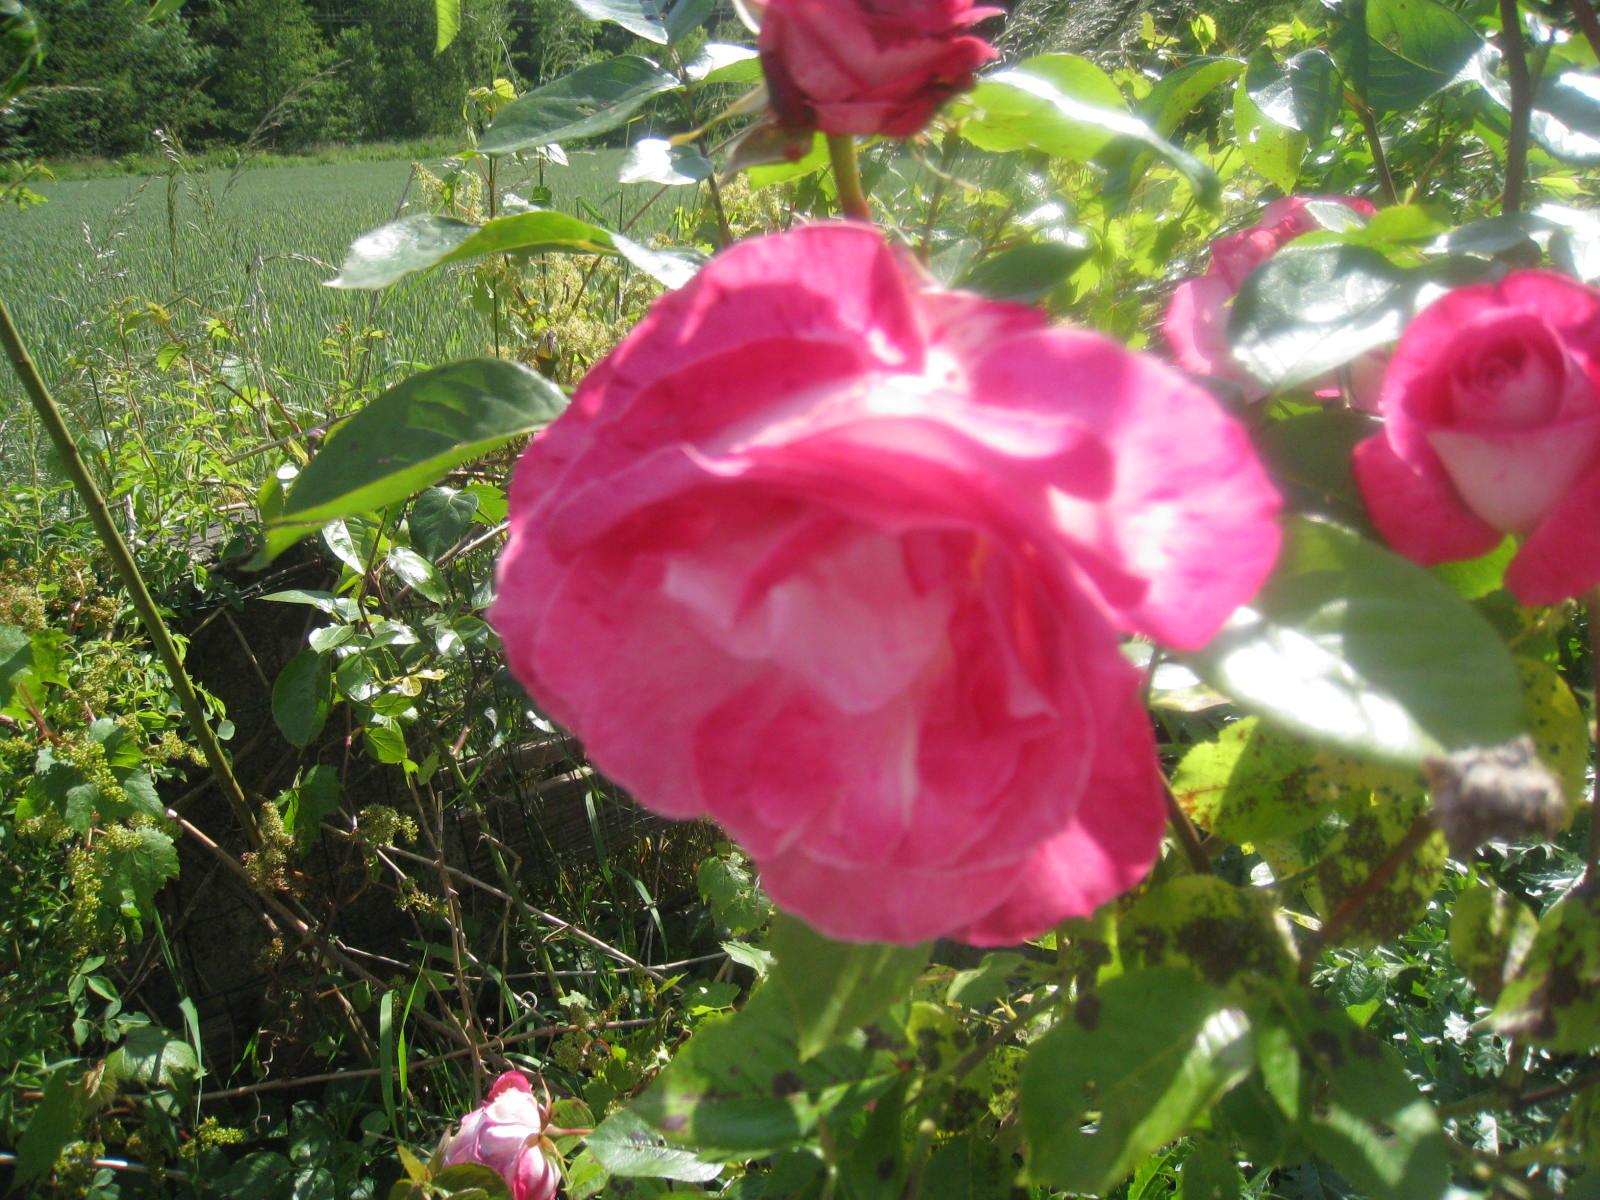 en fleurs chez moi - Page 2 664027006